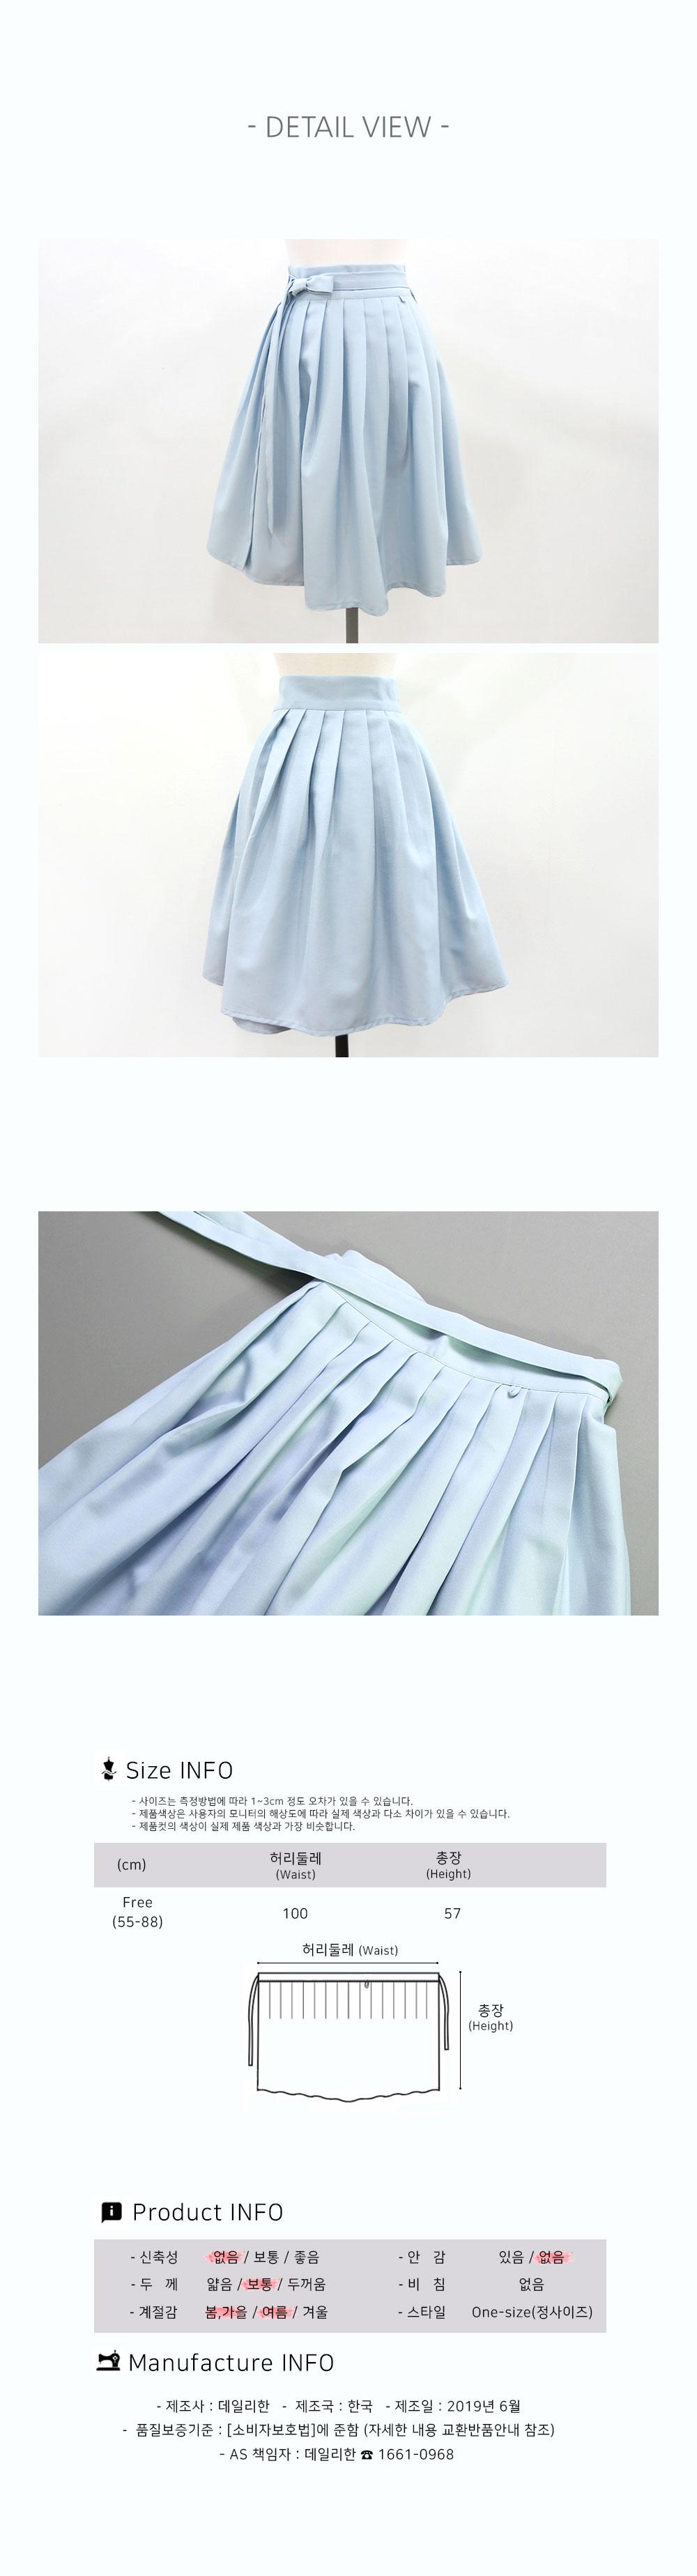 미니데일리 허리치마(하늘) - 데일리한, 58,000원, 생활한복, 여성한복